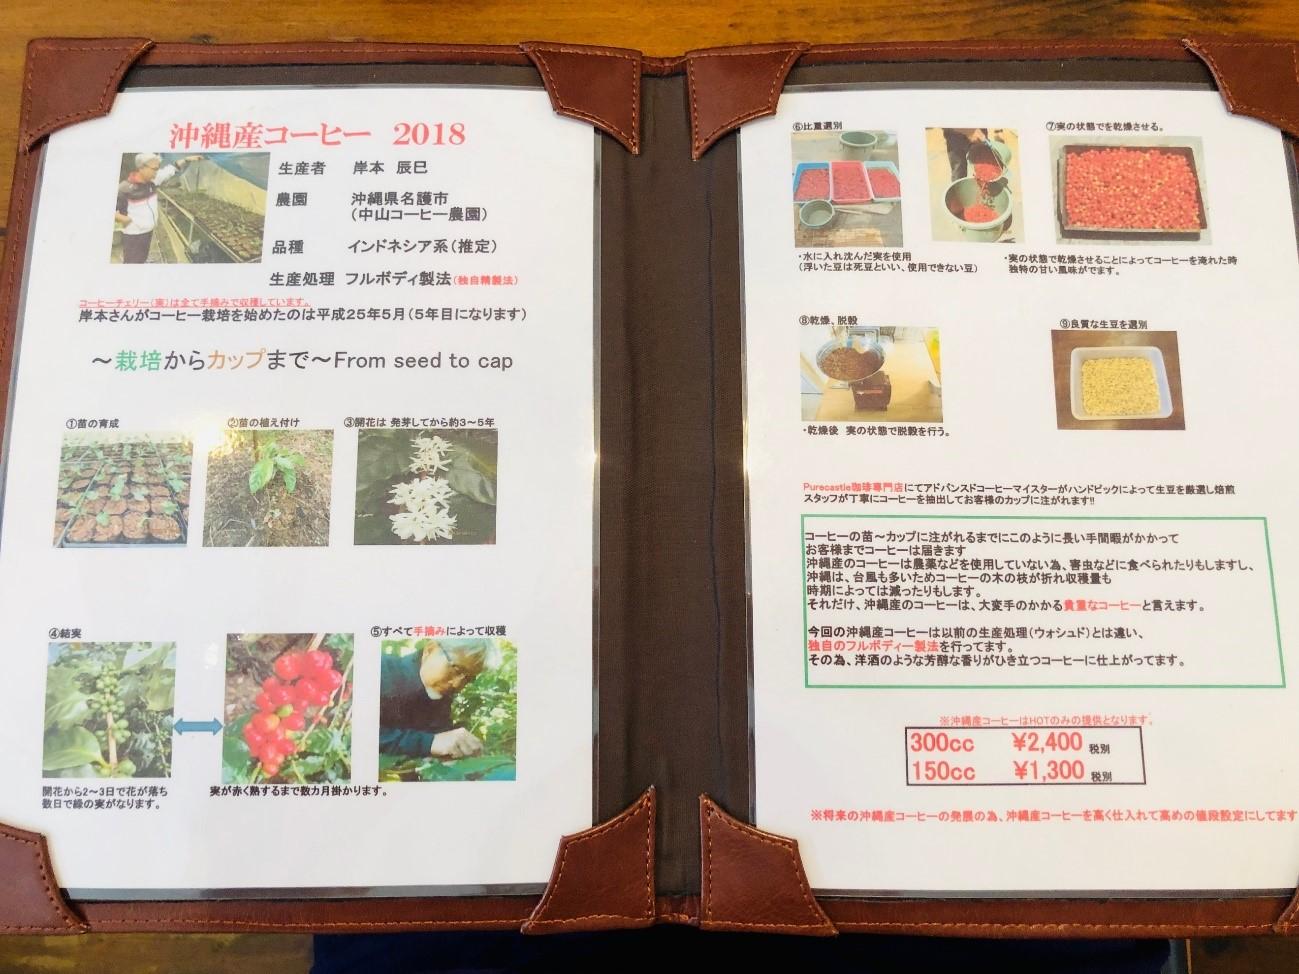 沖縄産コーヒー紹介ページ